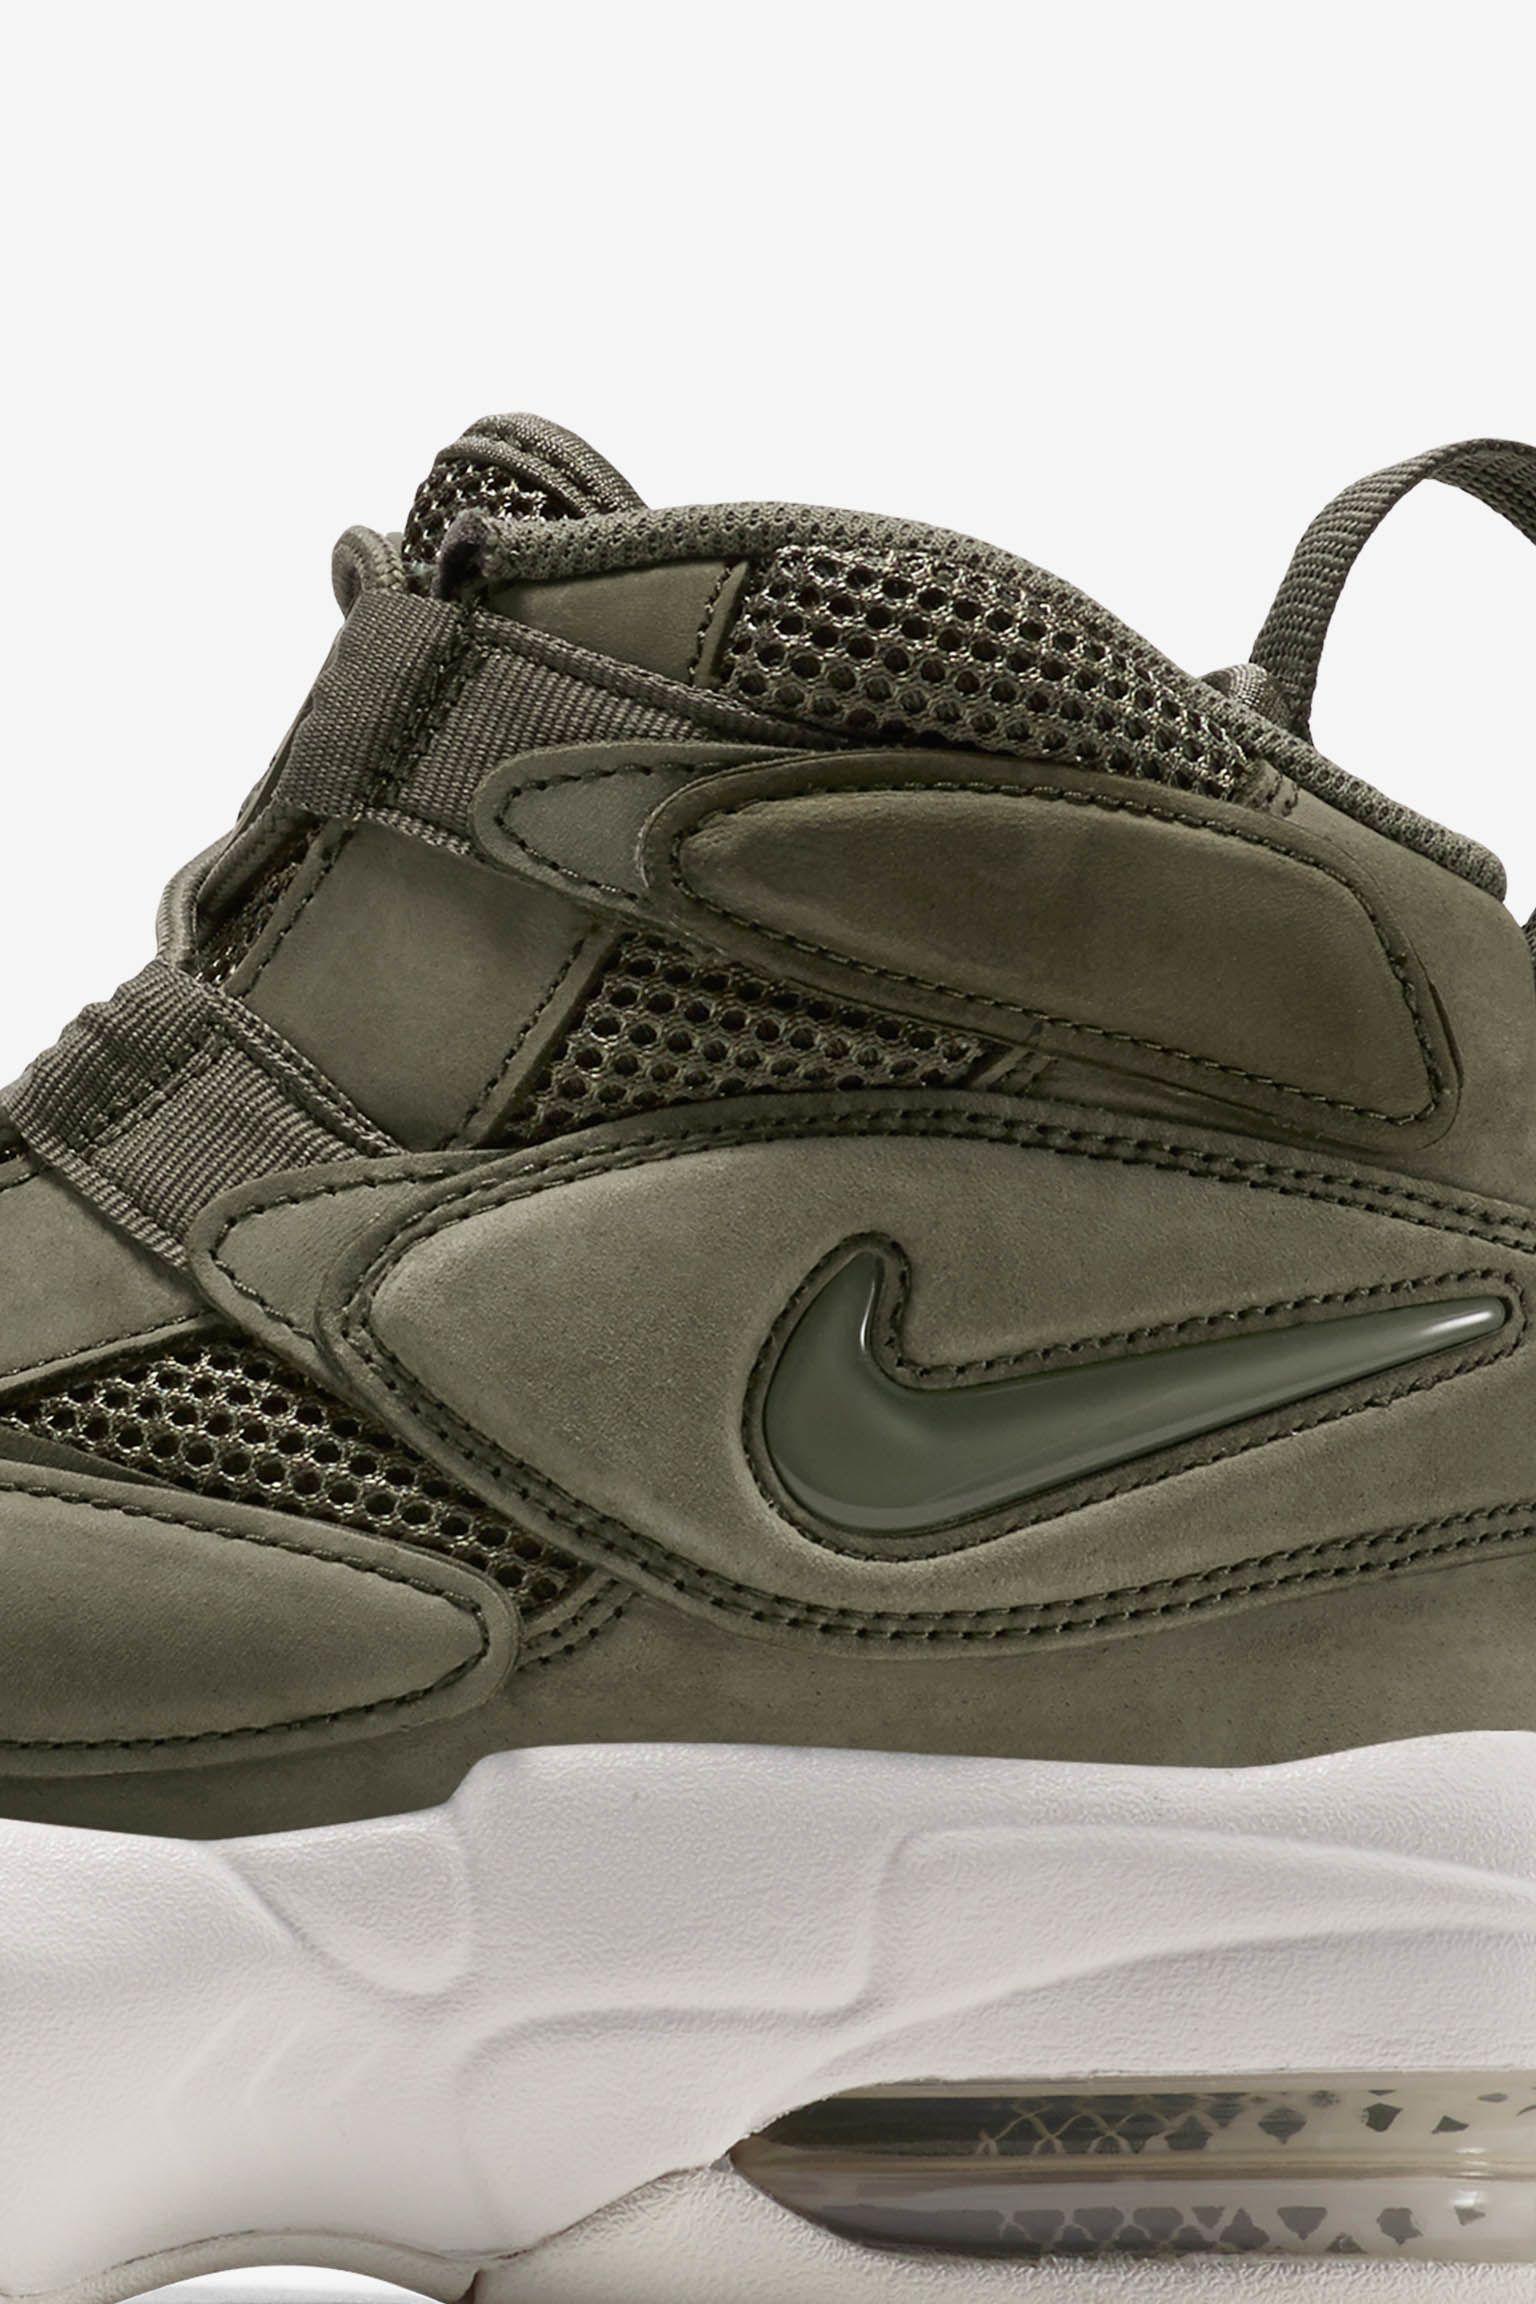 Sail' amp; Air Nike Nike Uptempo Max2 Haze 'Urban Fwz7S4q